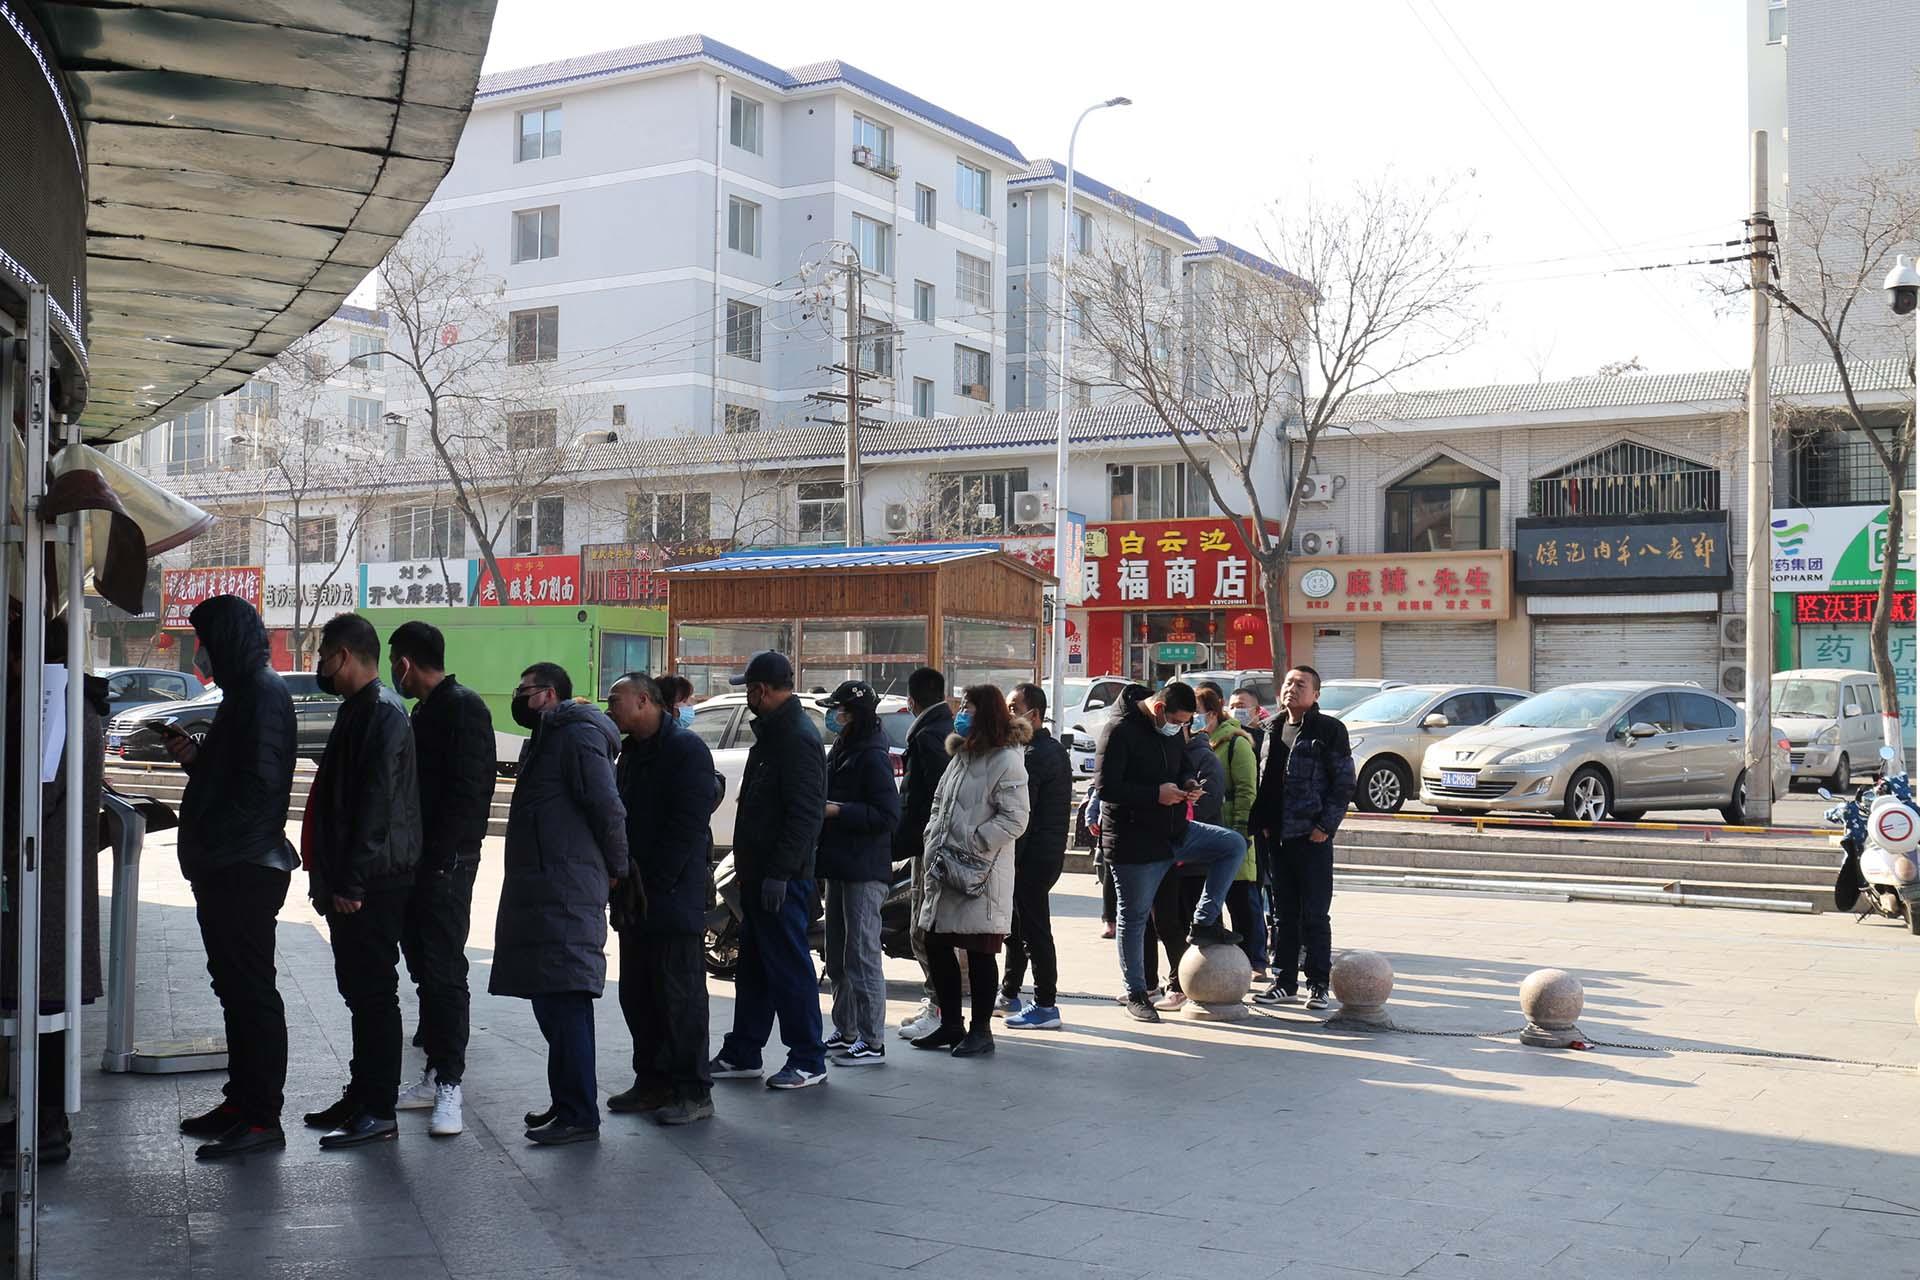 File d'attente à l'entrée d'une pharmacie de Yinchuan, capitale de la région du Ningxia. (Crédit : Thibaud Mougin / SOPA images)